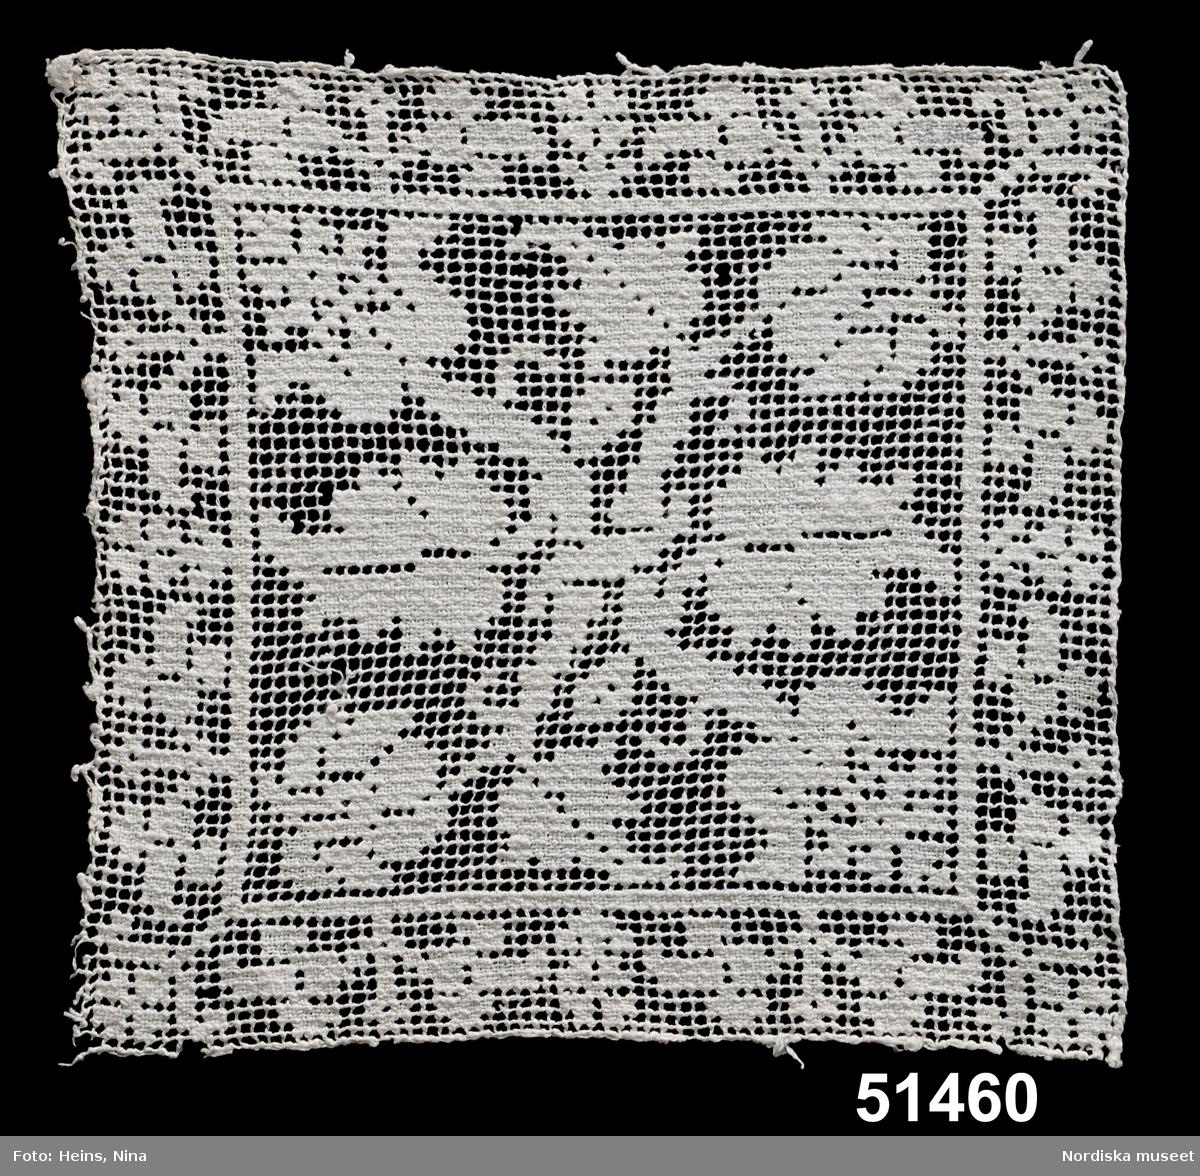 Broderi, knutet och trätt (filetbroderi). S-tvinnat lingarn. Kvadratisk ruta i knutet nät av 2-trådigt lingarn med 2 mm stora maskor. Bård och inramad mittspegel med bladornament i dubbel trädning. /Berit Eldvik 2003